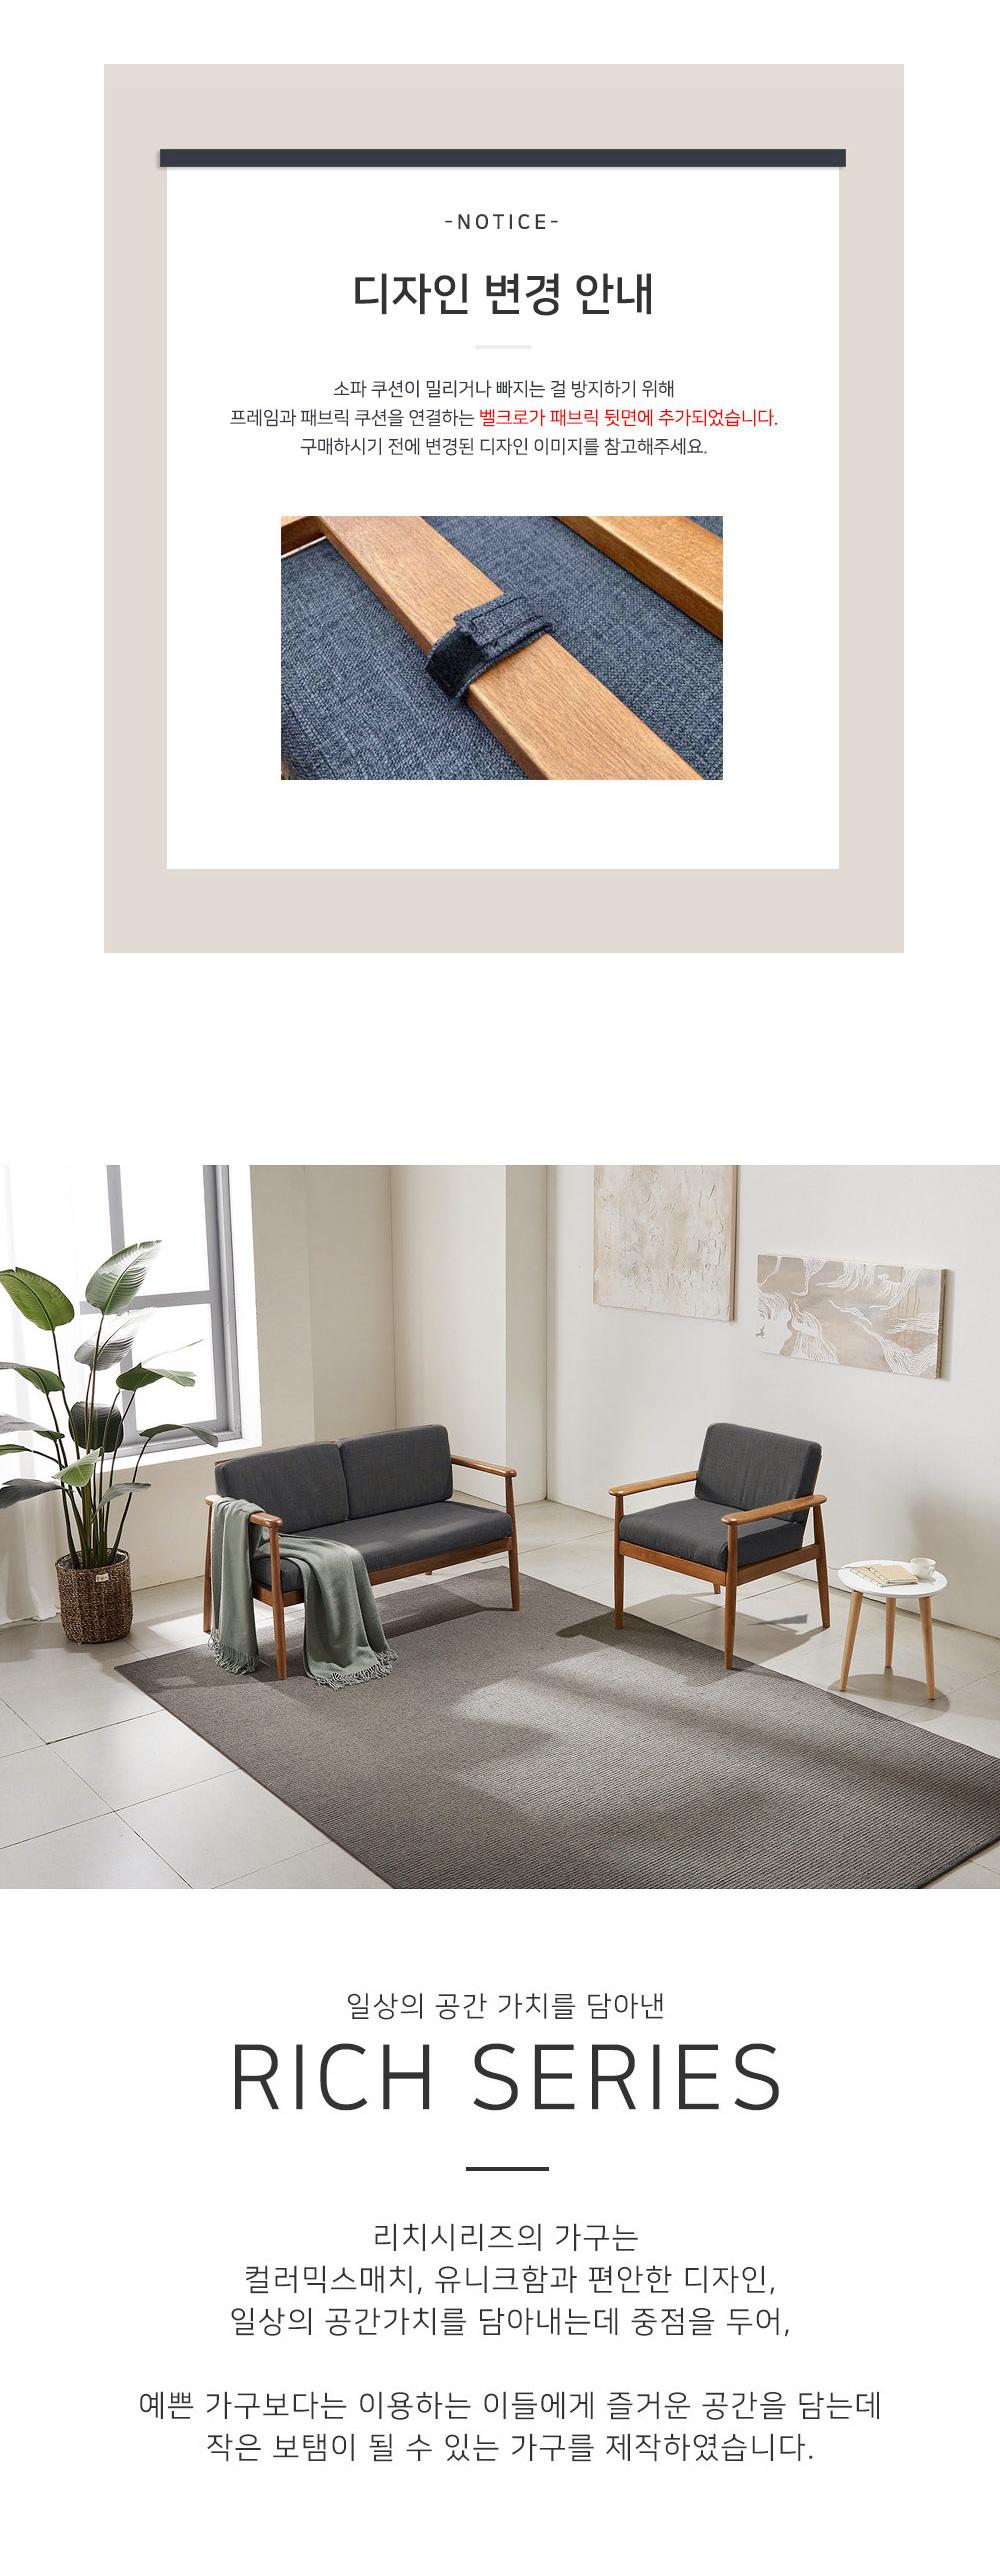 리치 원목 패브릭 2인용 쇼파 의자 (챠콜) - 웨어하우스, 263,000원, 패브릭소파, 2인/3인소파